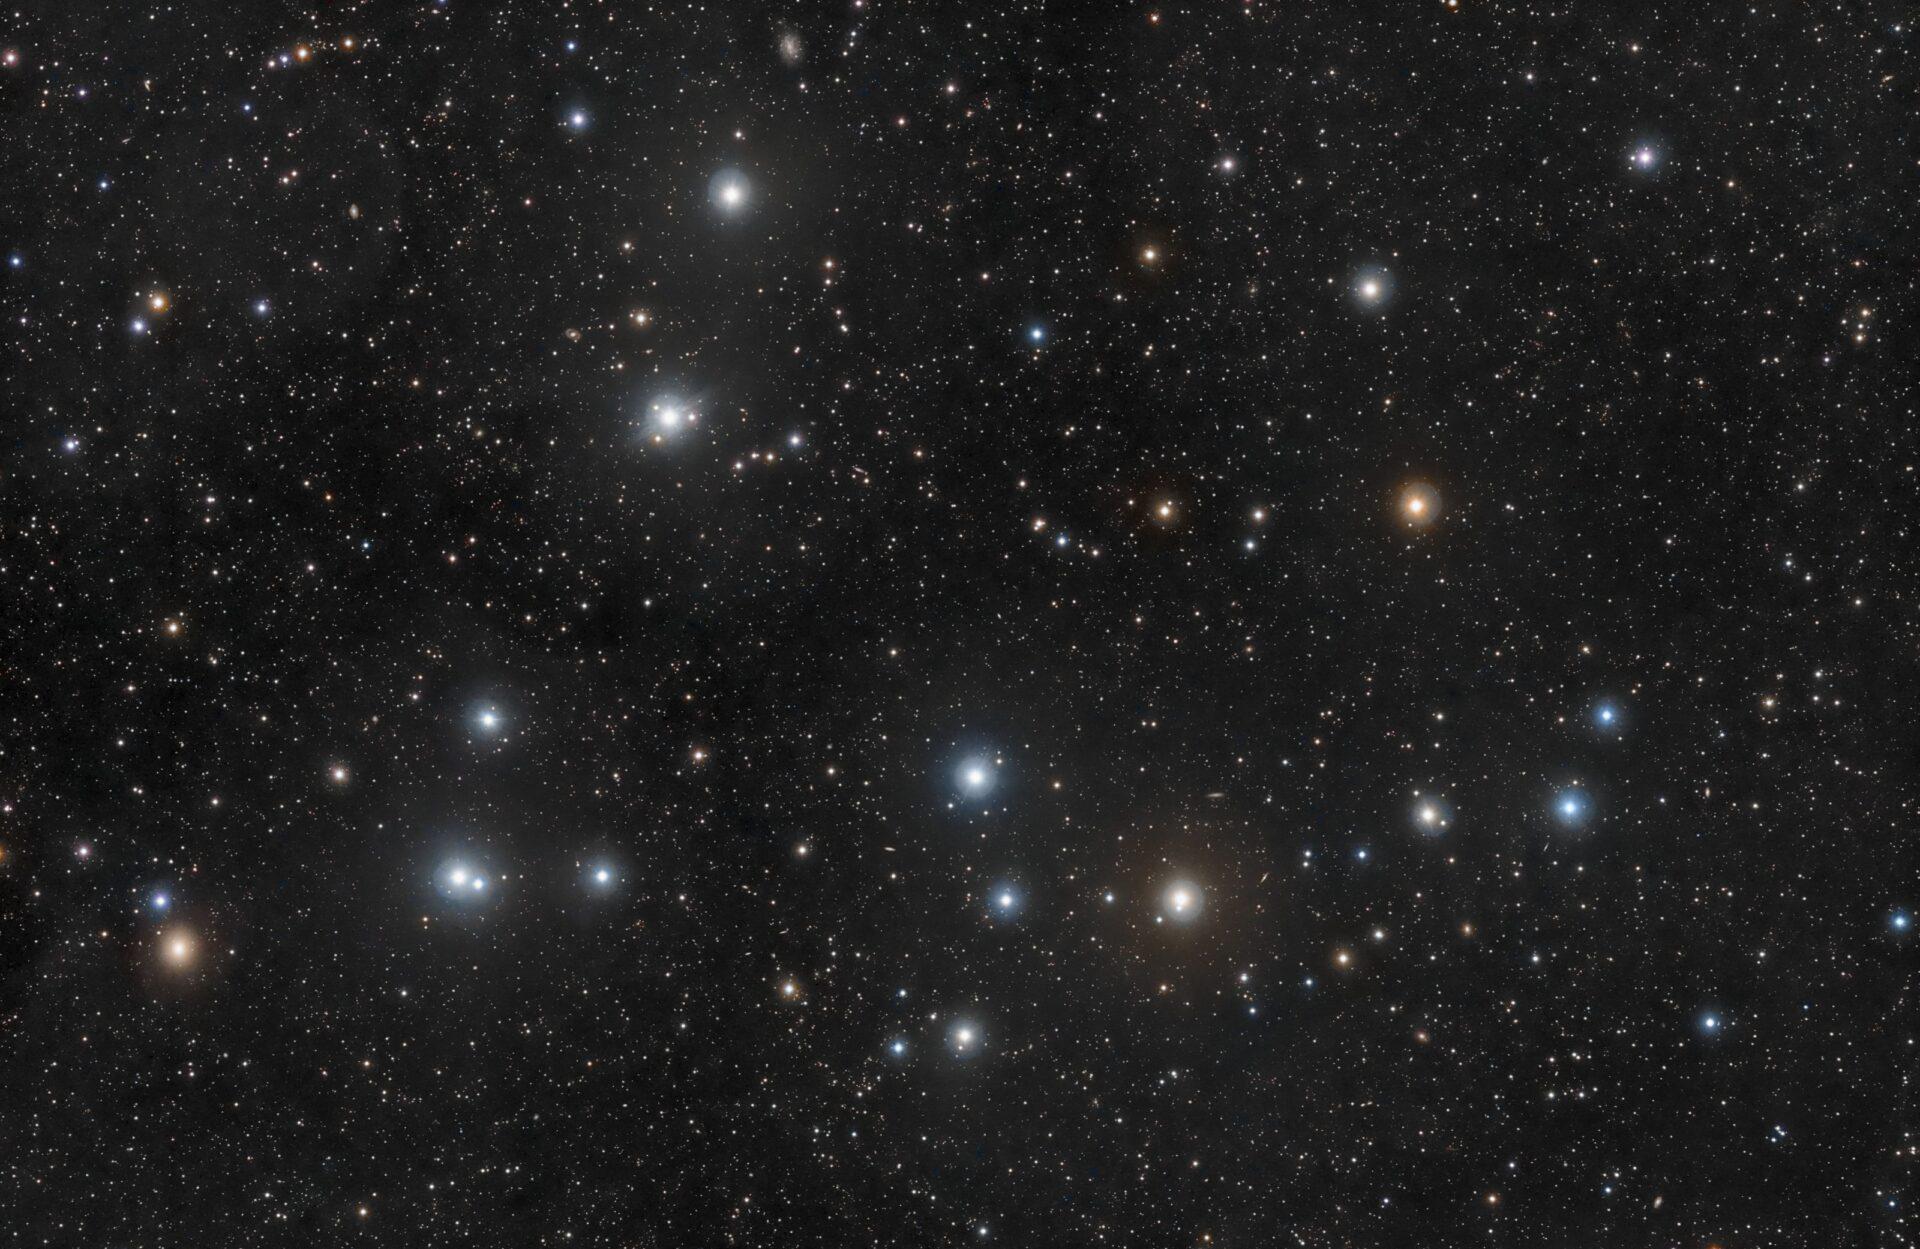 L'ammasso stellare Melotte 111, nella Chioma di Berenice Credit: Rogelio Bernal Andreo http://www.deepskycolors.com/archive/2011/05/02/coma-Berenices.html